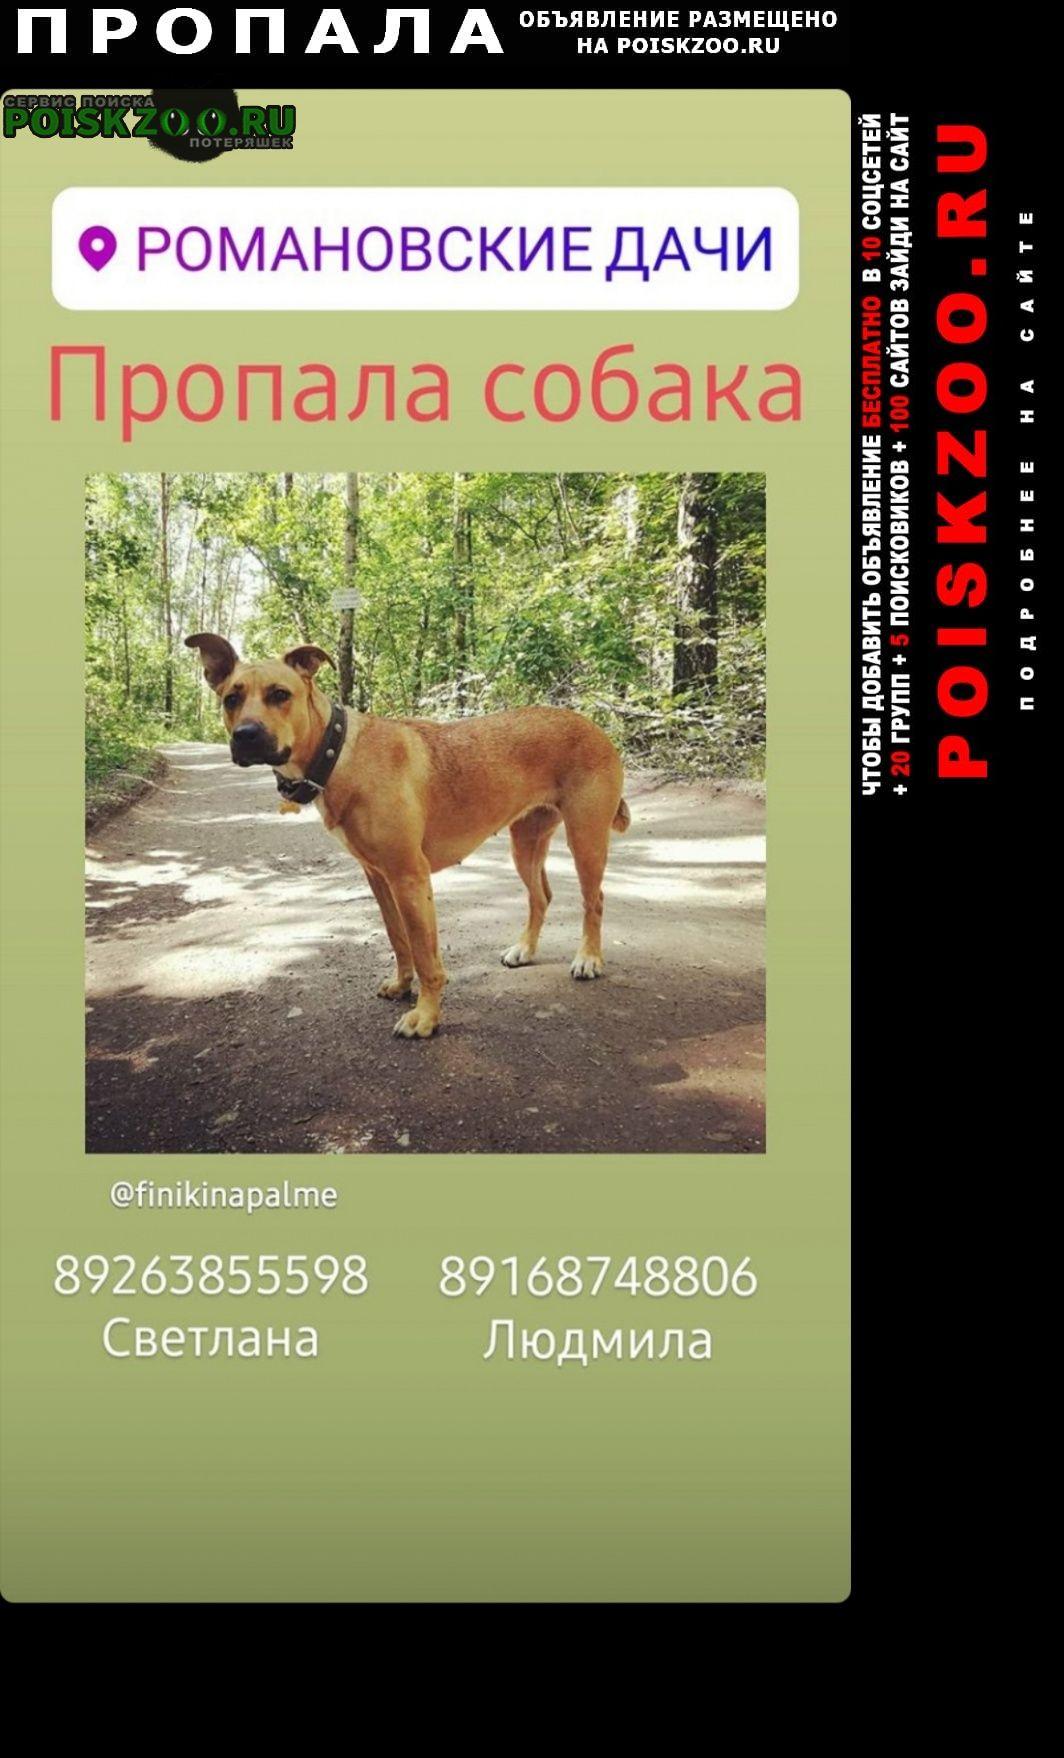 Пропала собака Заокский